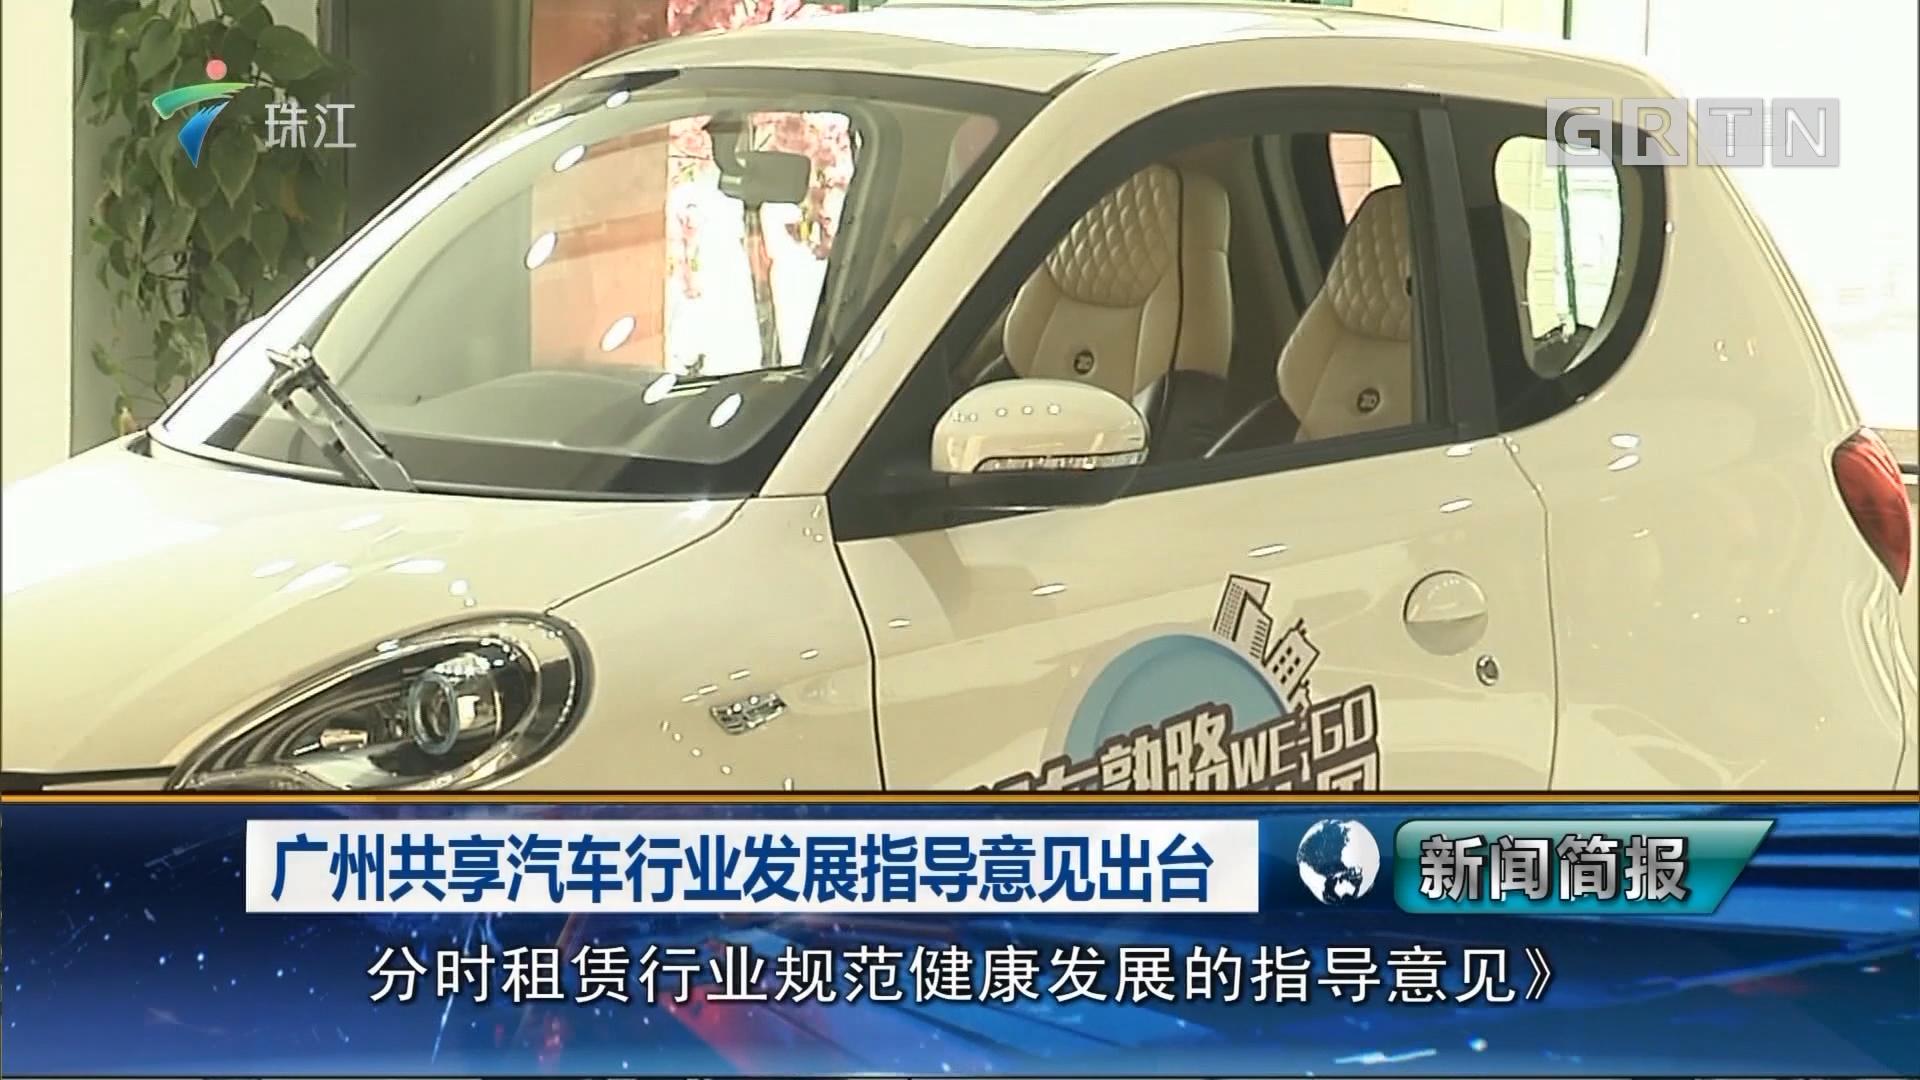 广州共享汽车行业发展指导意见出台